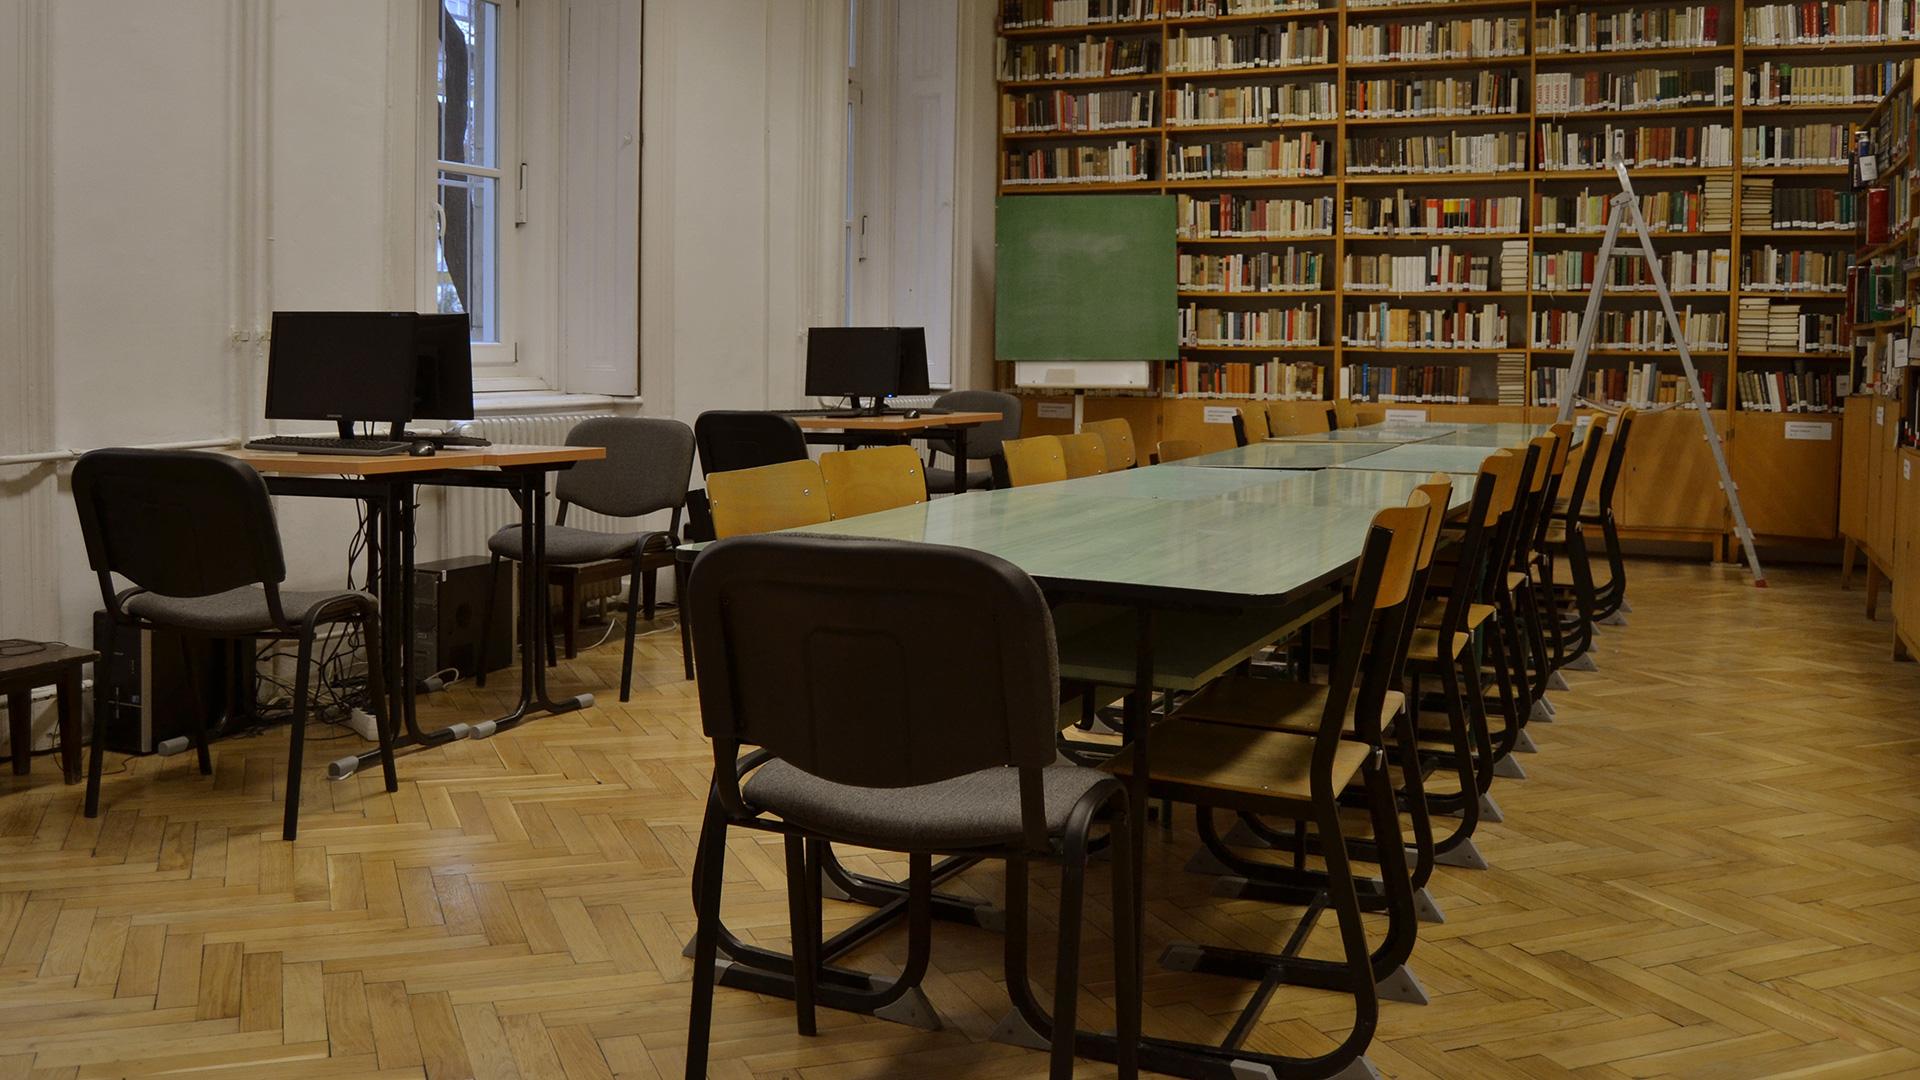 Révai könyvtár